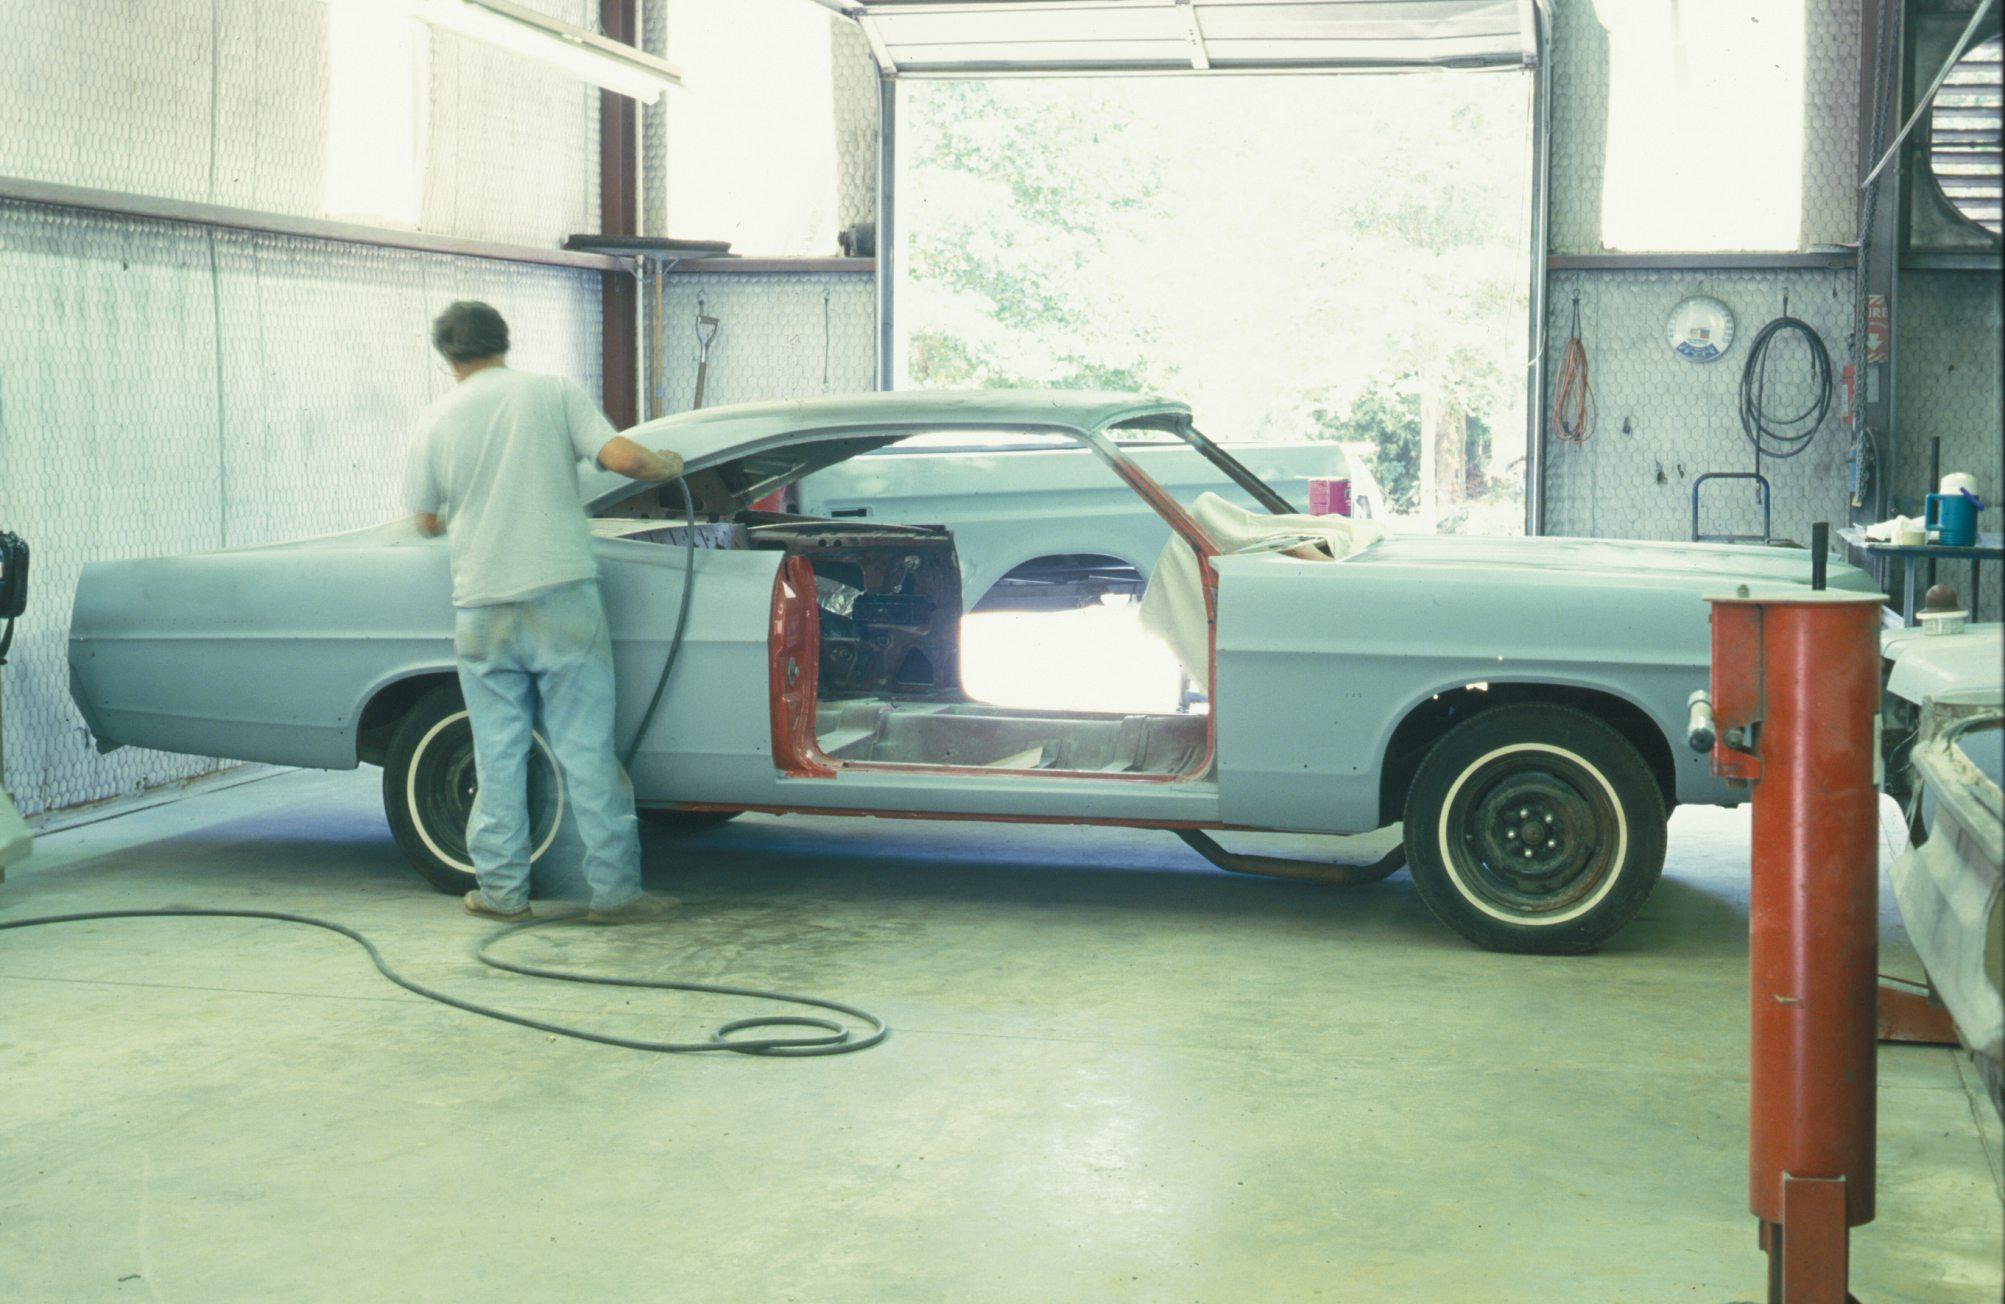 1967 Ford Galaxie 500 Restoration